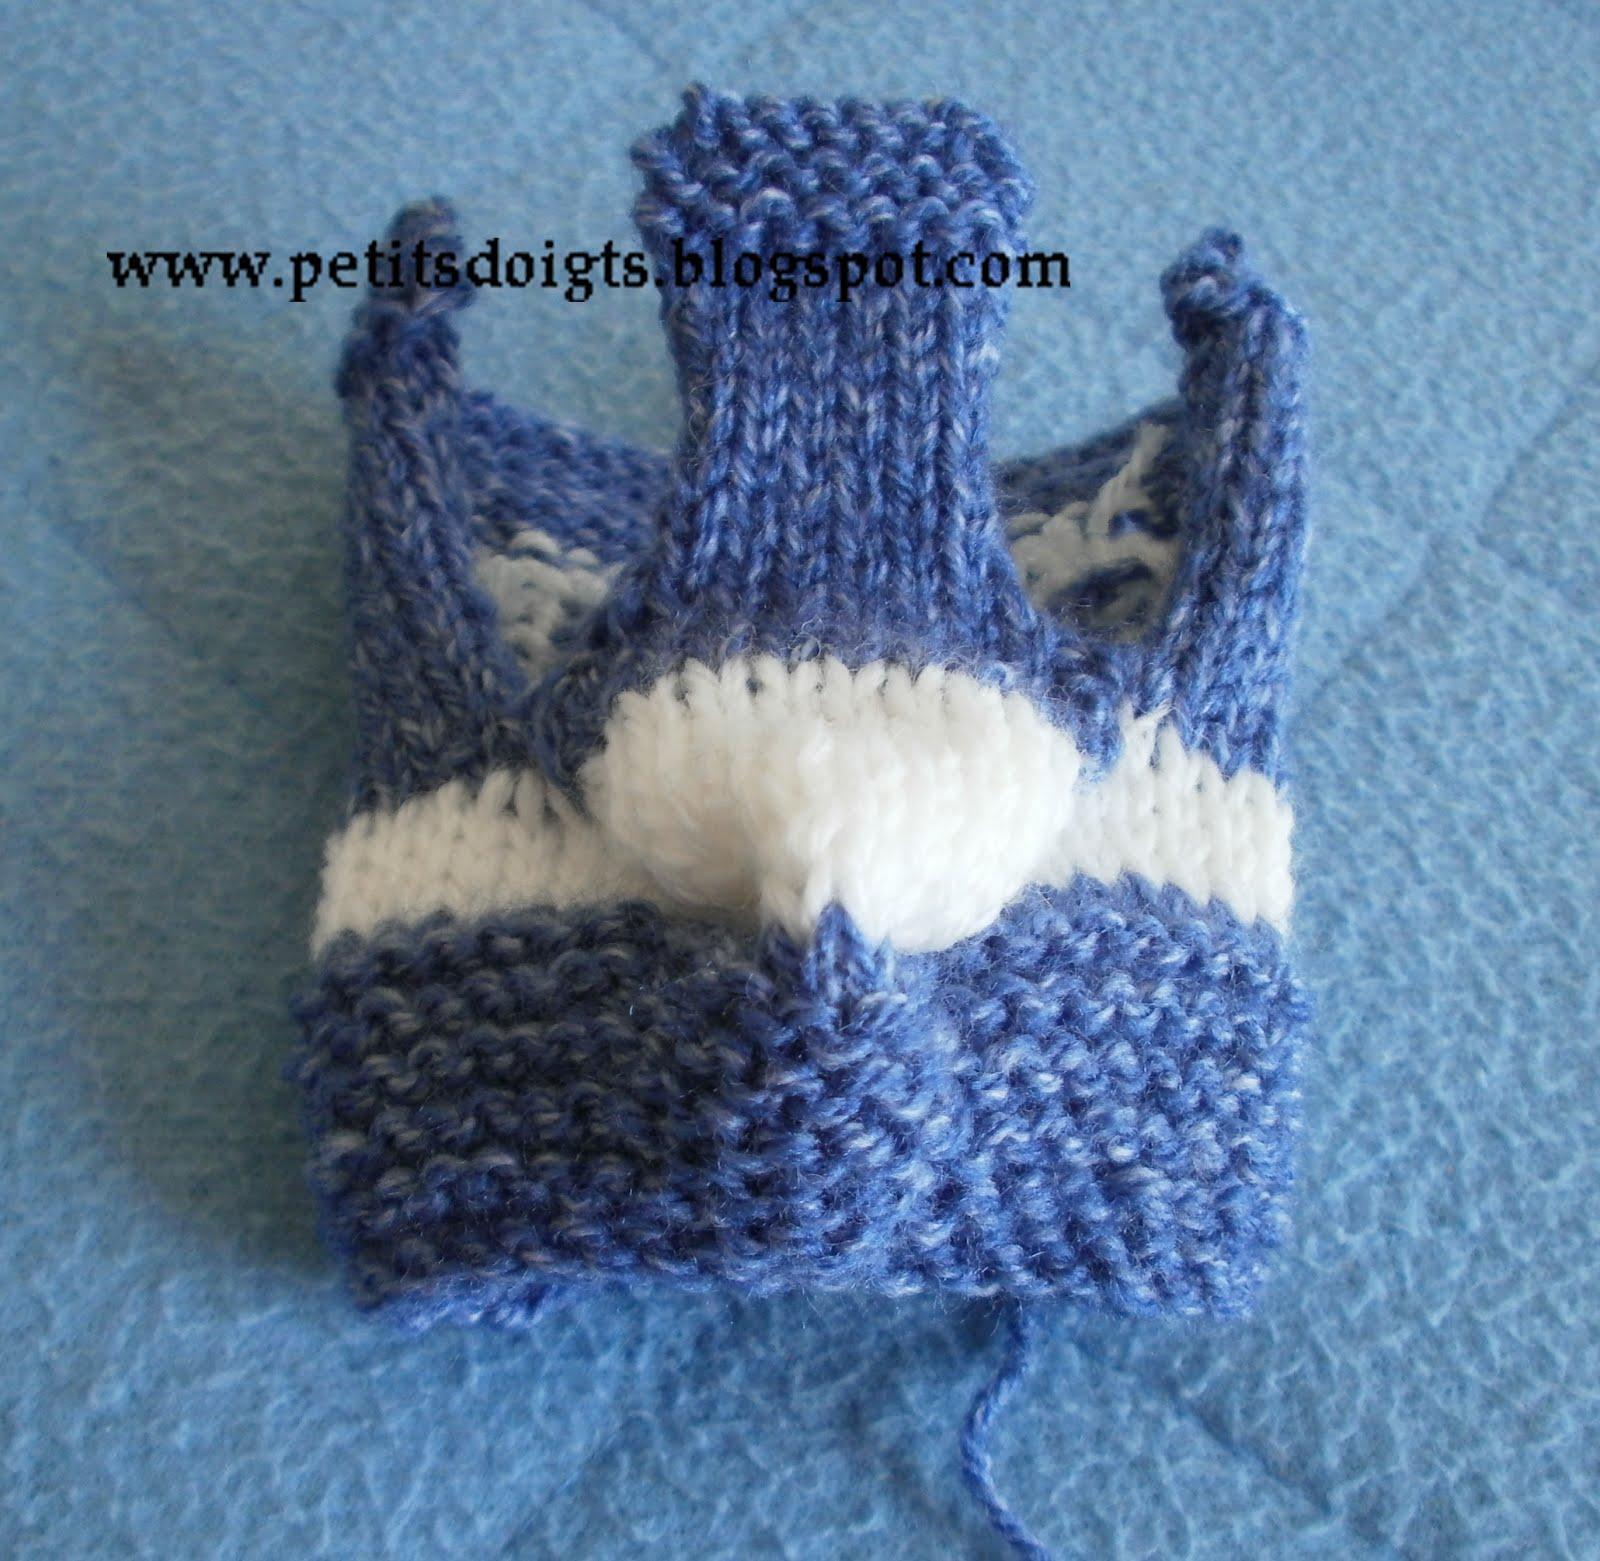 cdabc852b3bf9 chausson converse au crochet pour bebe modele tricot chausson basket